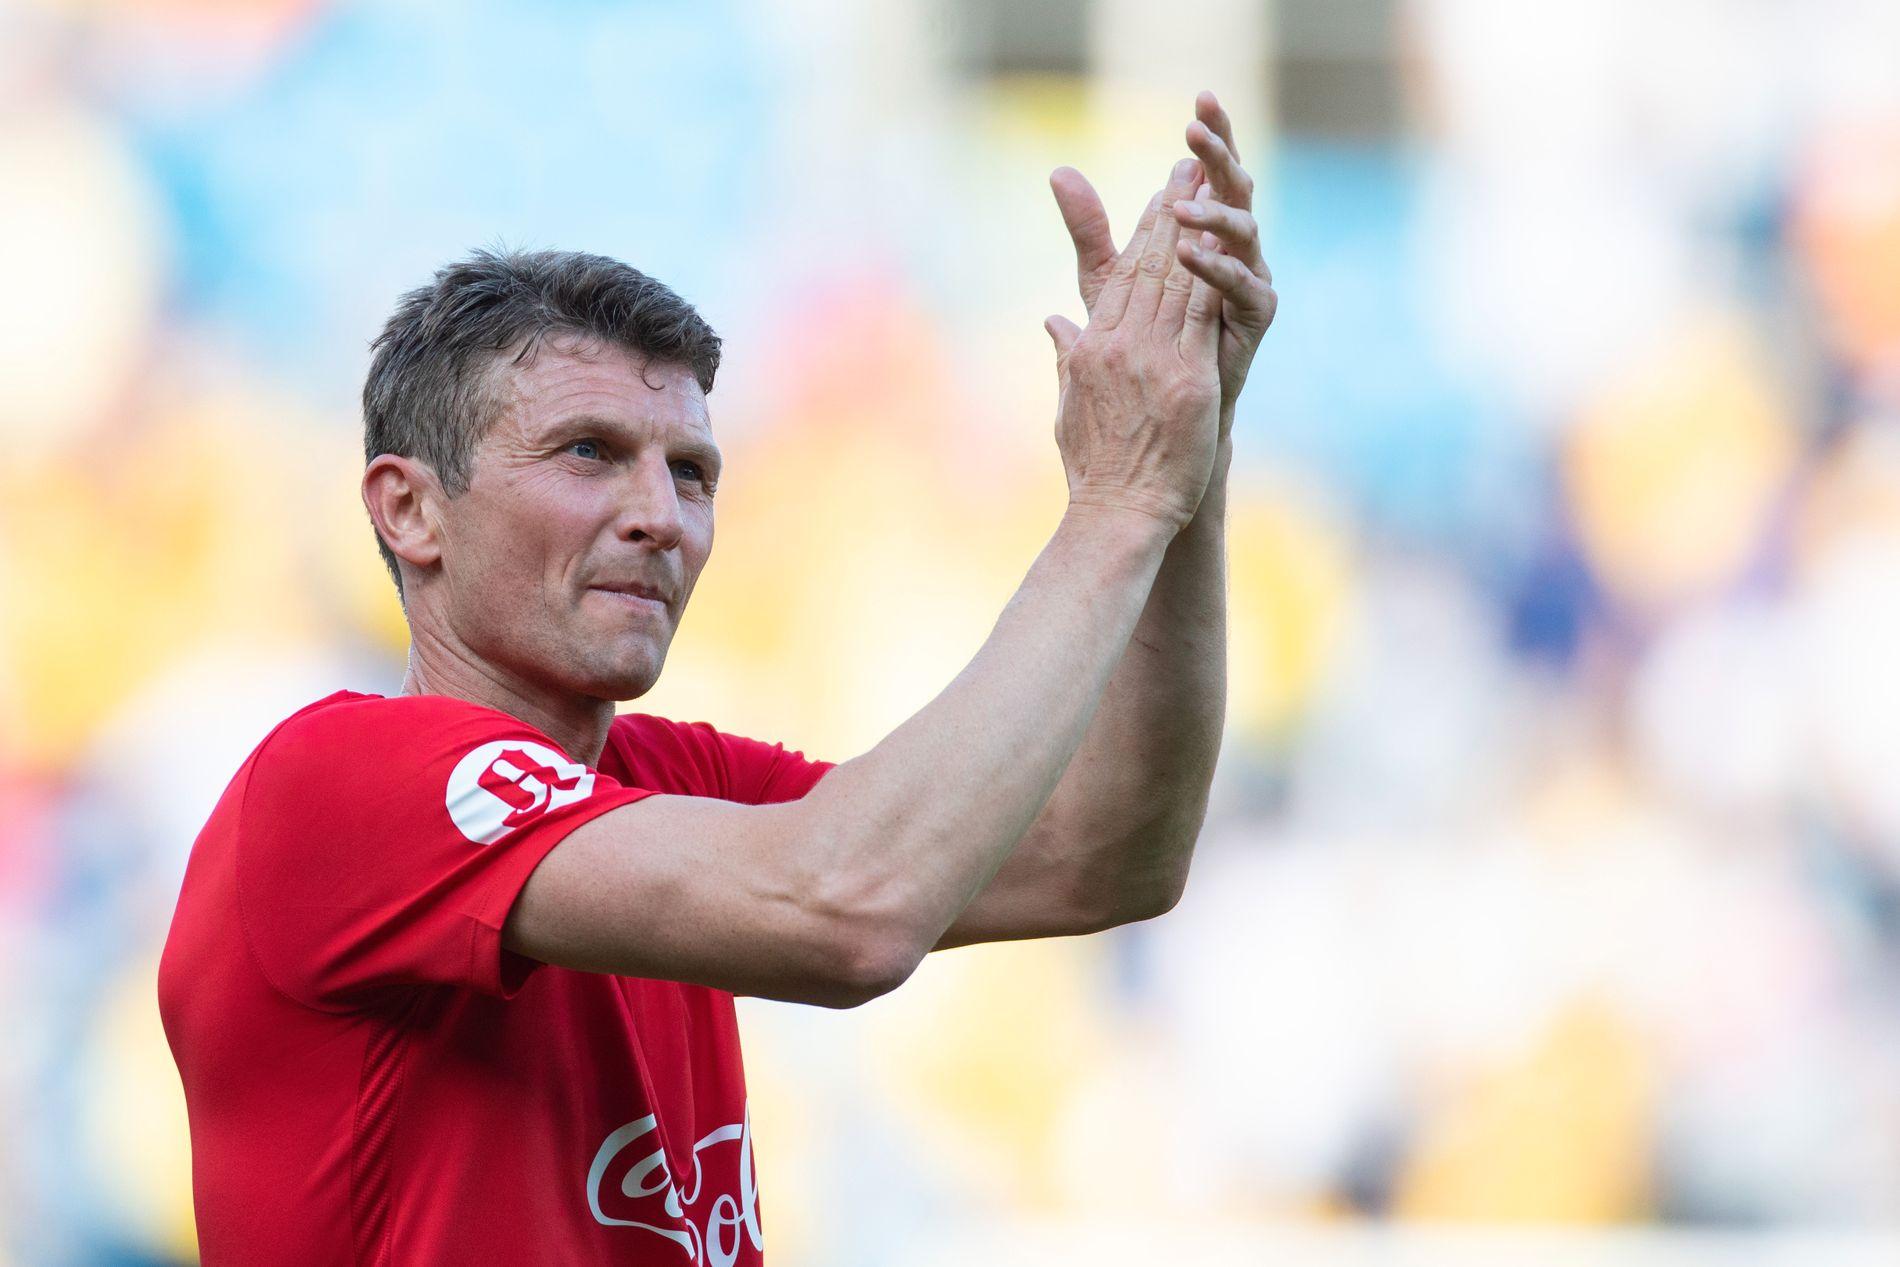 REKORDMANNEN, 20 ÅR ETTER: 9. juni var Tore André Flo tilbake i manesjen da han og store deler av spillerne fra «Mirakelet i Marseille» møttes til omkamp på Ullevaal.